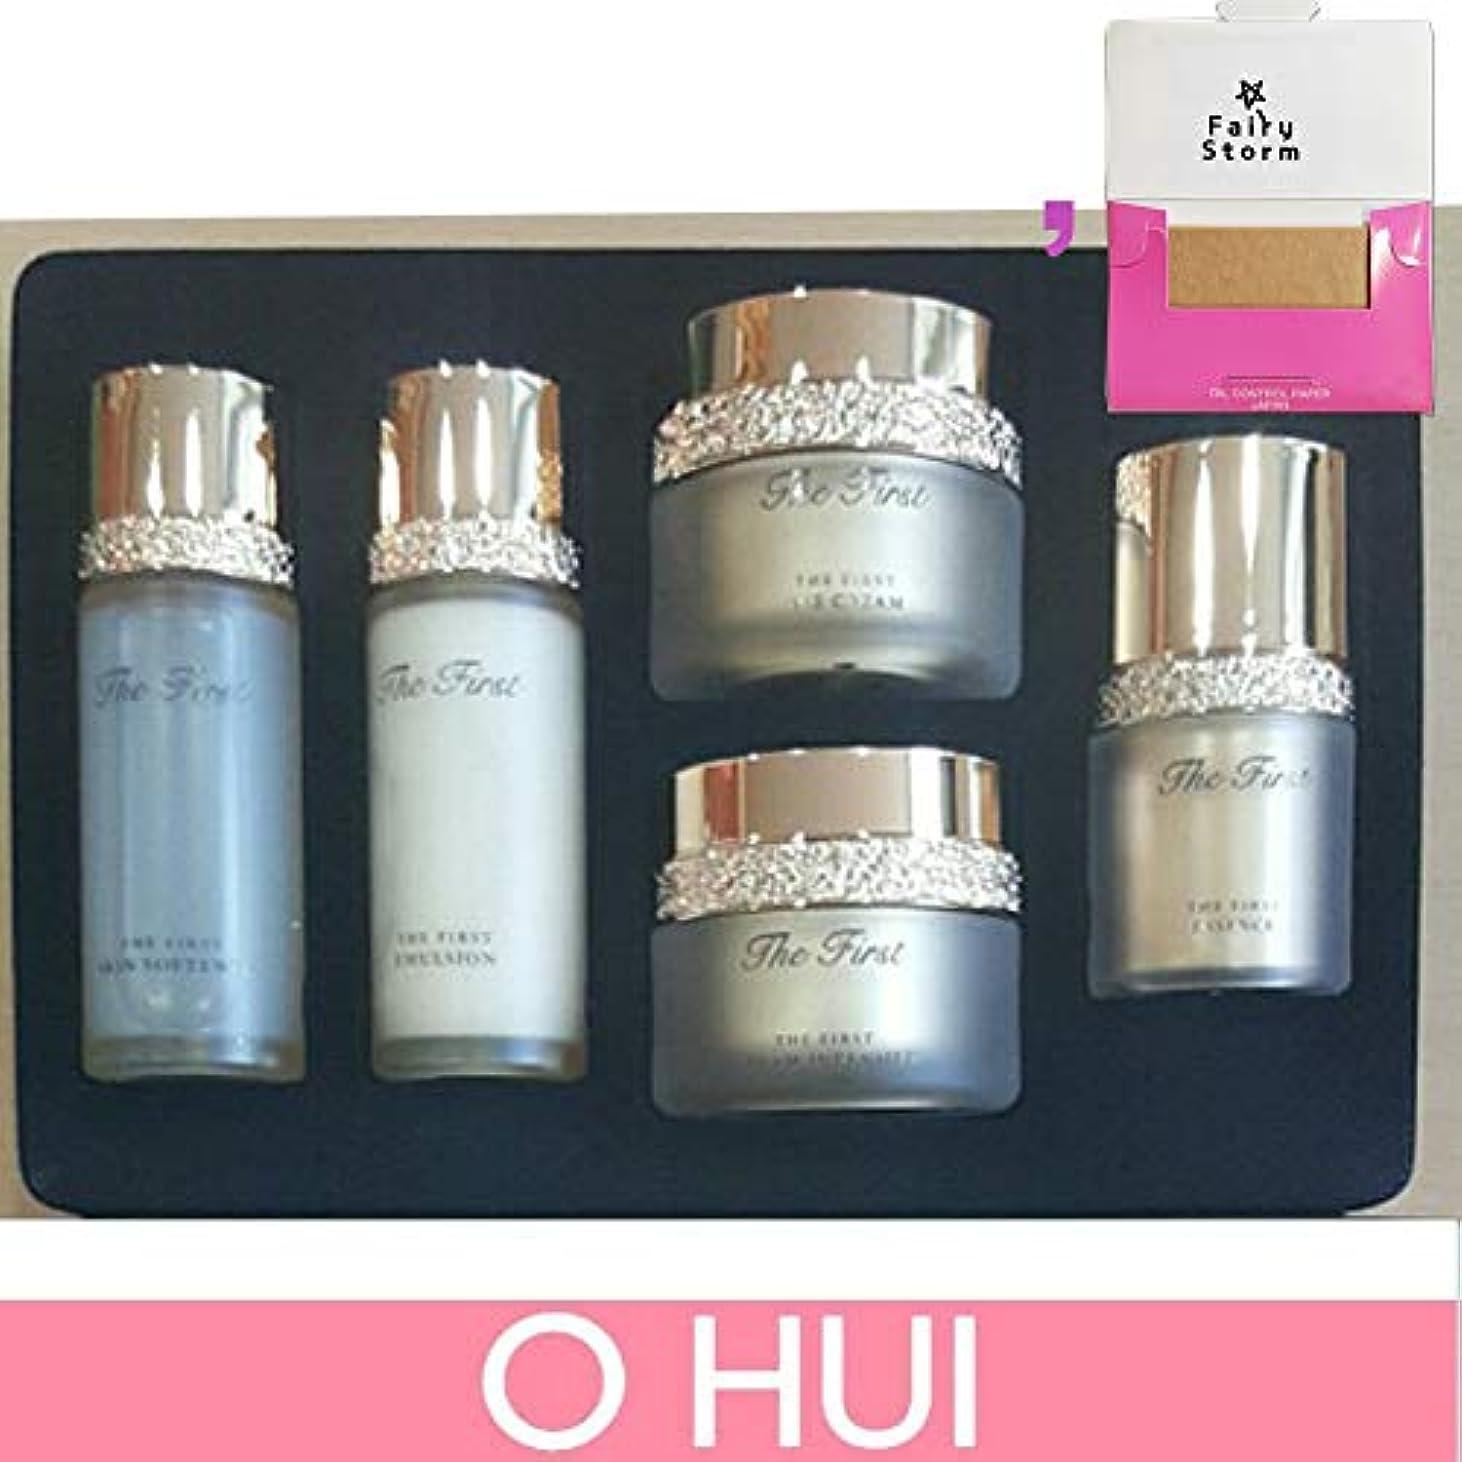 尋ねる尊敬する兵器庫[オフィ/O HUI]韓国化粧品 LG生活健康/OHUI the First Cell Revolution 5pcs Special Kit Set + [Sample Gift](海外直送品)